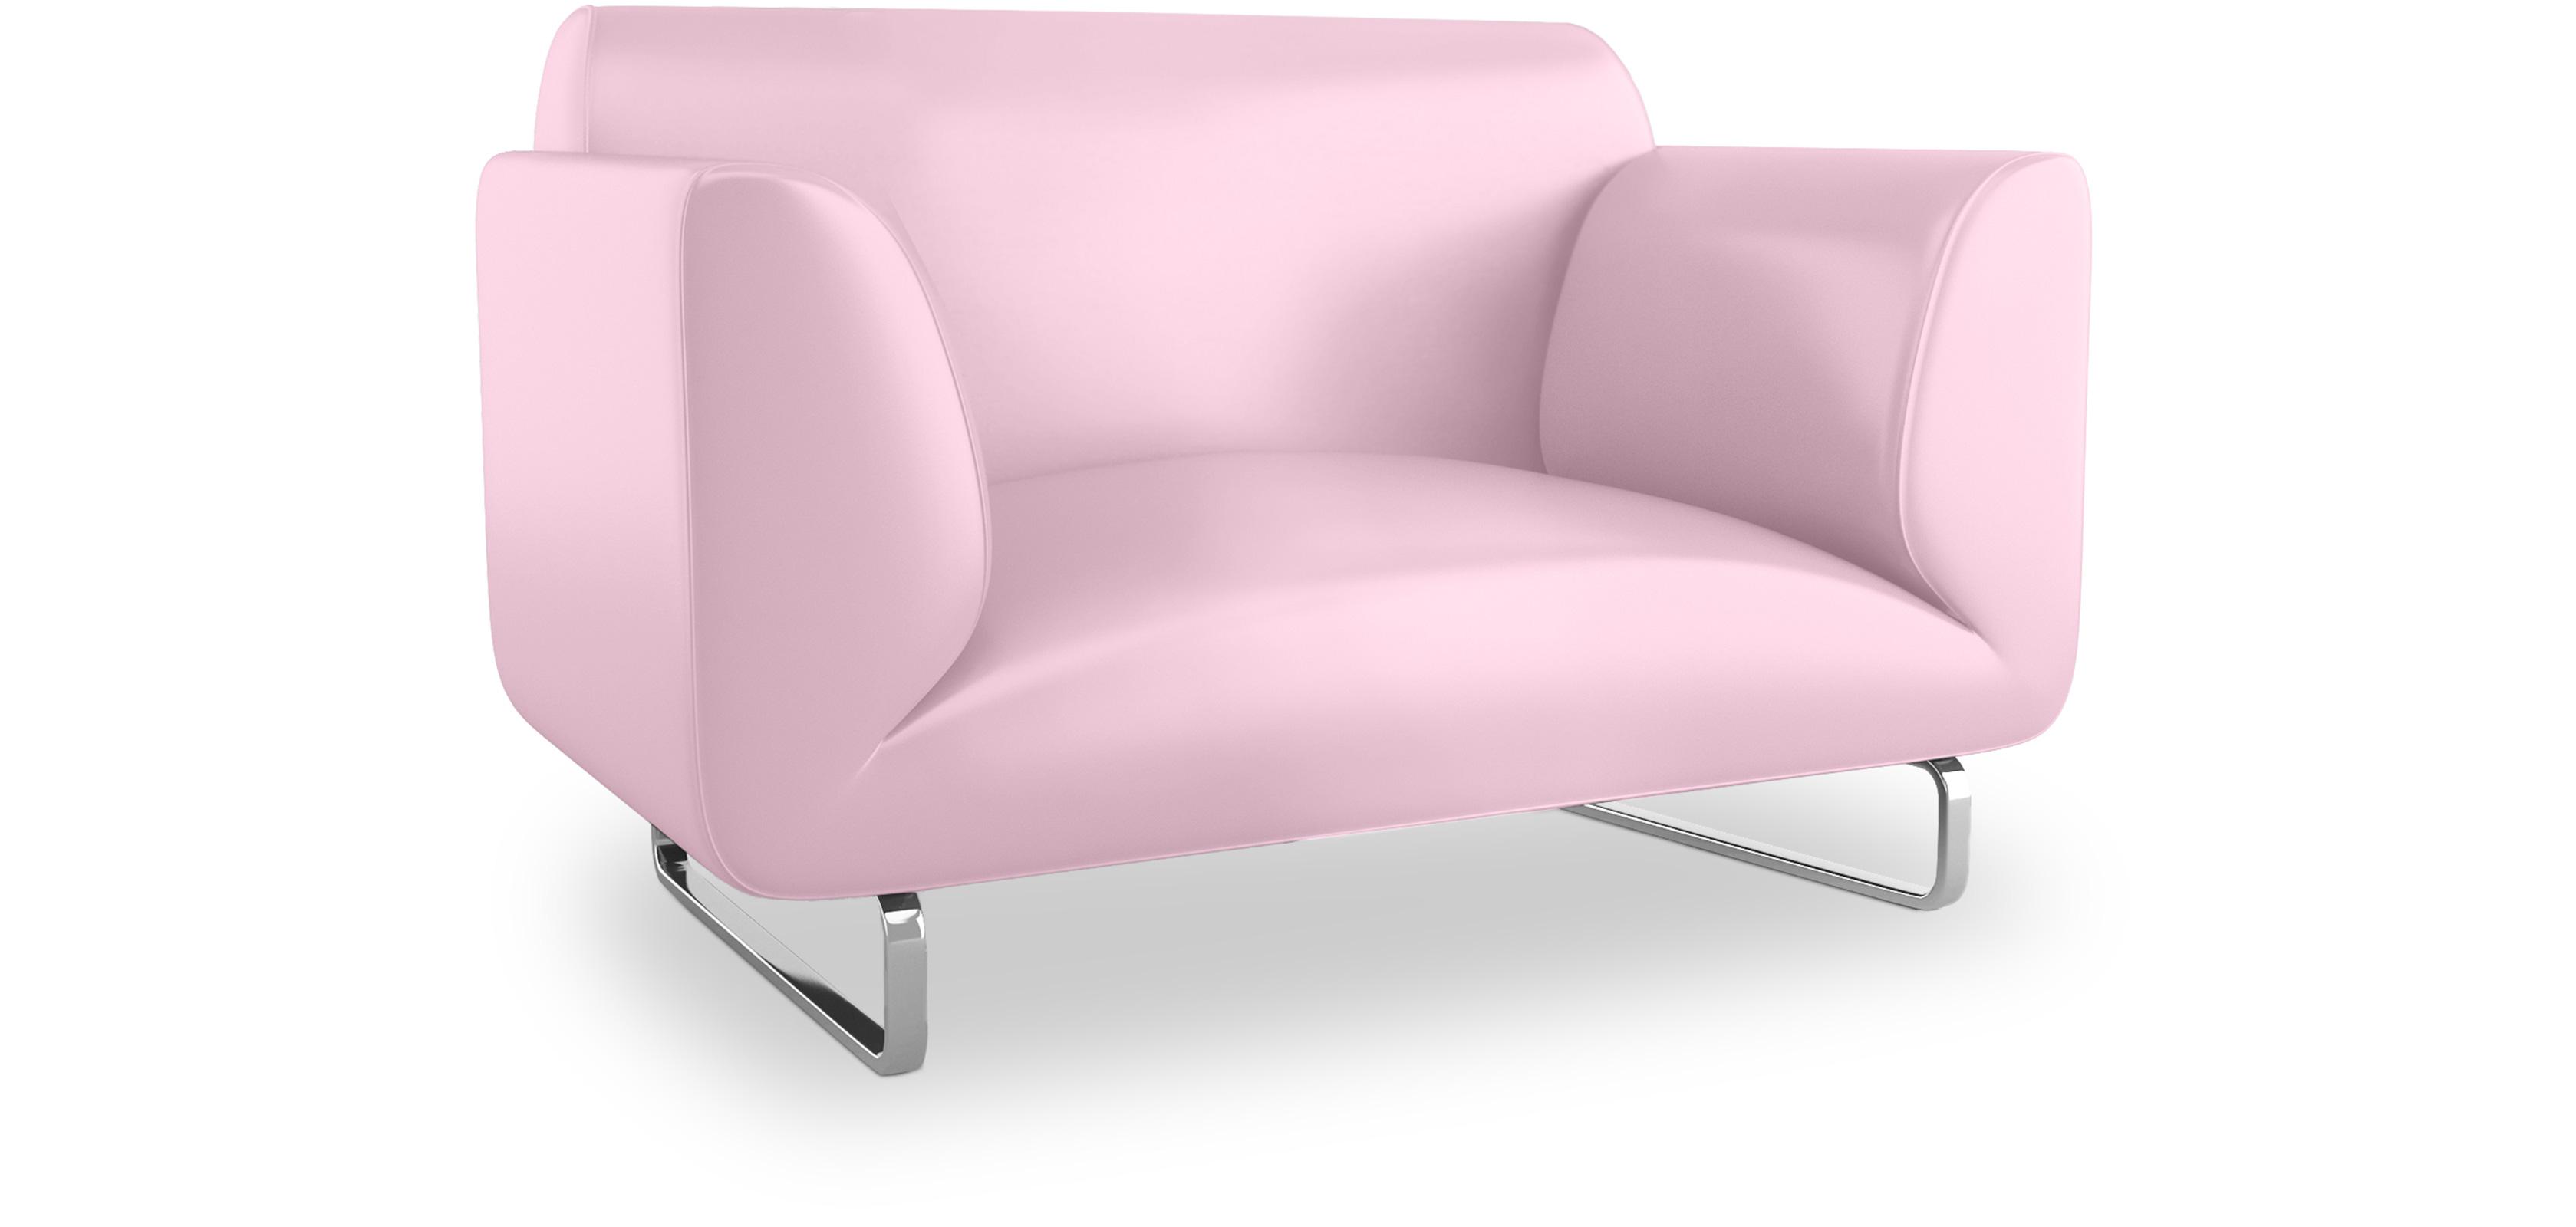 canap design en simili cuir. Black Bedroom Furniture Sets. Home Design Ideas